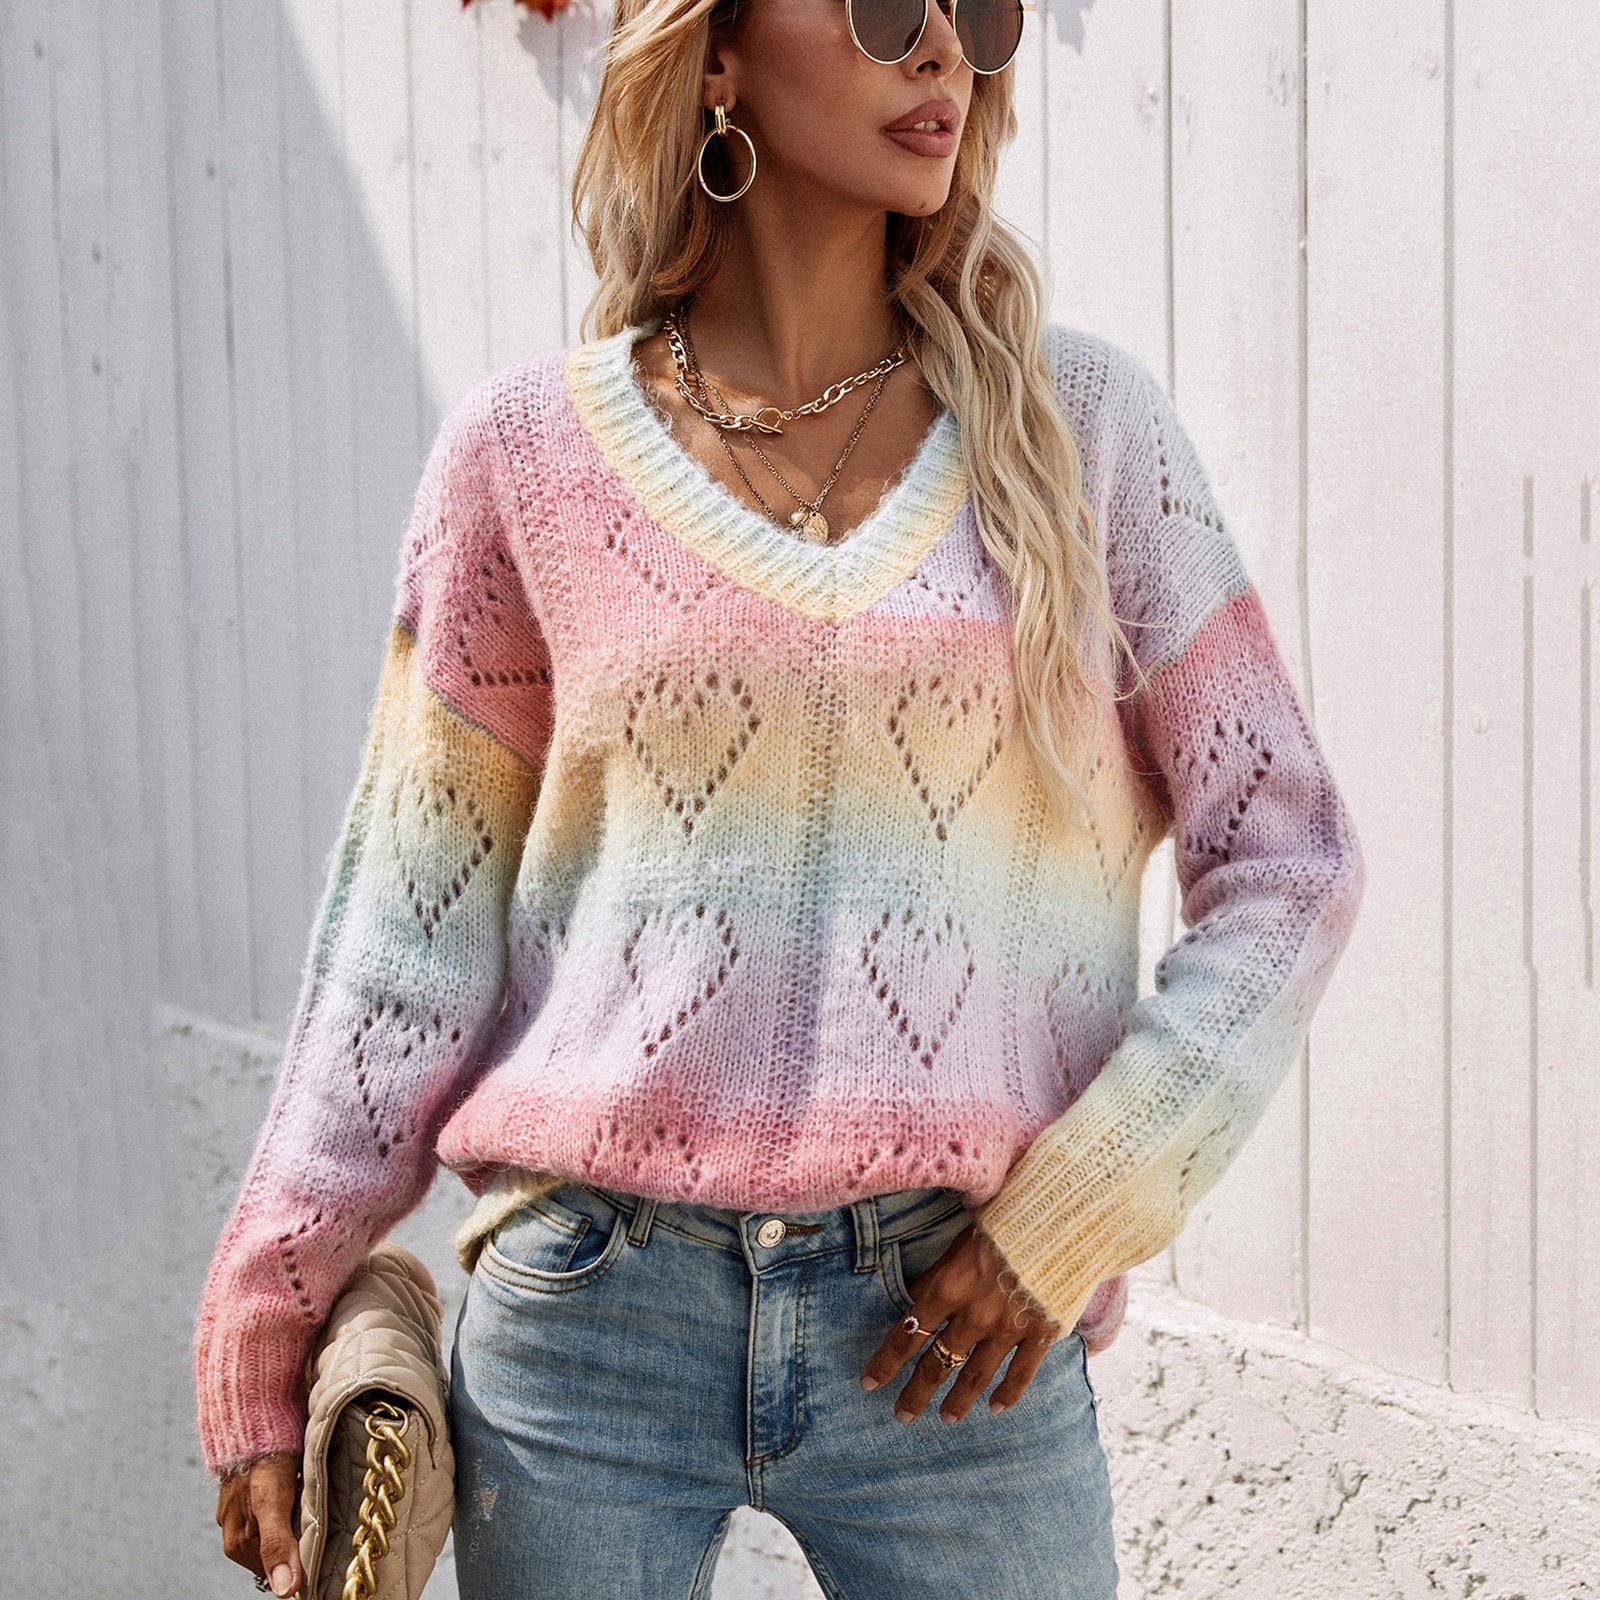 ульмер бабетте вяжем спицами свитера пуловеры джемперы модели на любой вкус Размера плюс свободные свитера, женские повседневные свободные вязаные пуловеры с вырезами, свитшоты, джемперы, пуловеры, свитера для женщи...